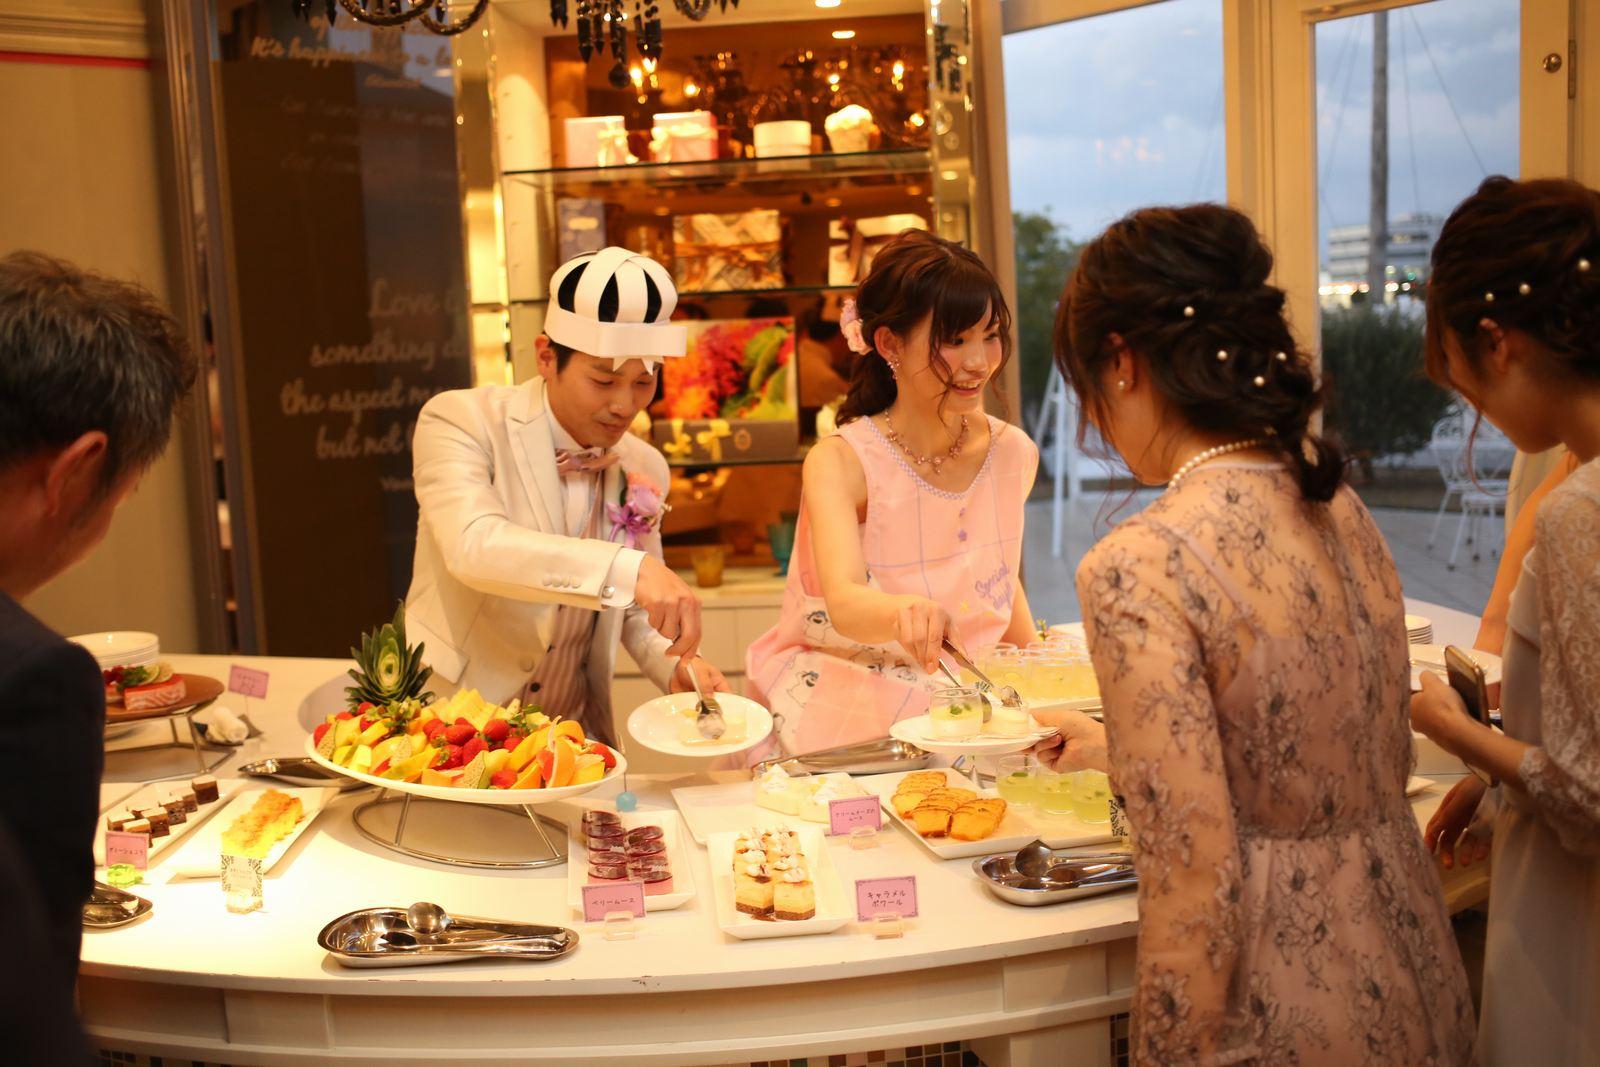 徳島市の結婚式場ブランアンジュで手作りしたスヌーピーの帽子をかぶりデザートを取り分ける新郎新婦